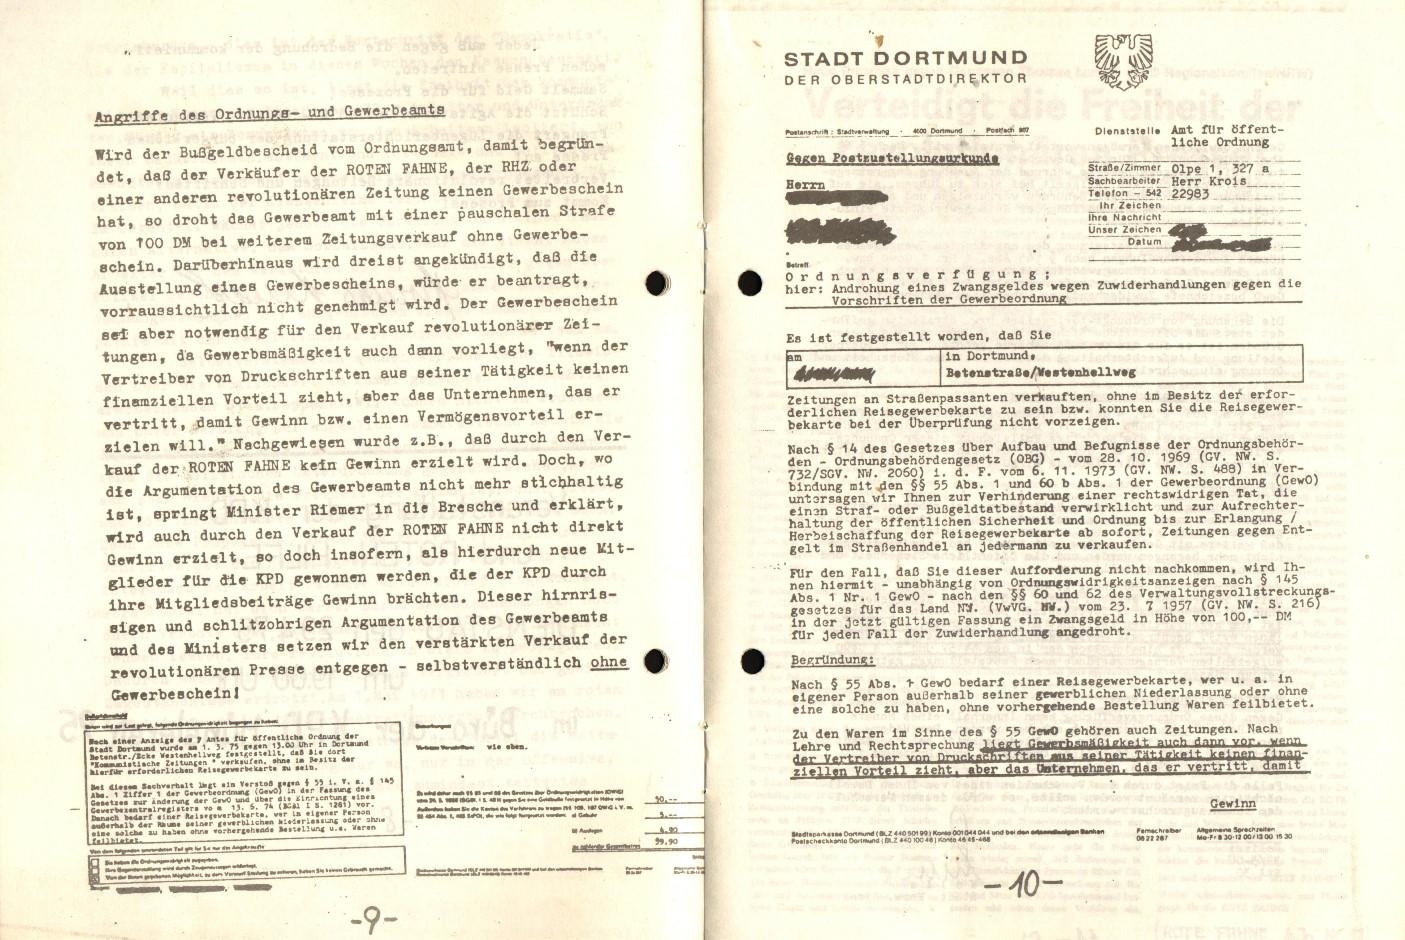 Dortmund_RH_1975_Freispruch_fuer_Luczak_und_Semler_06